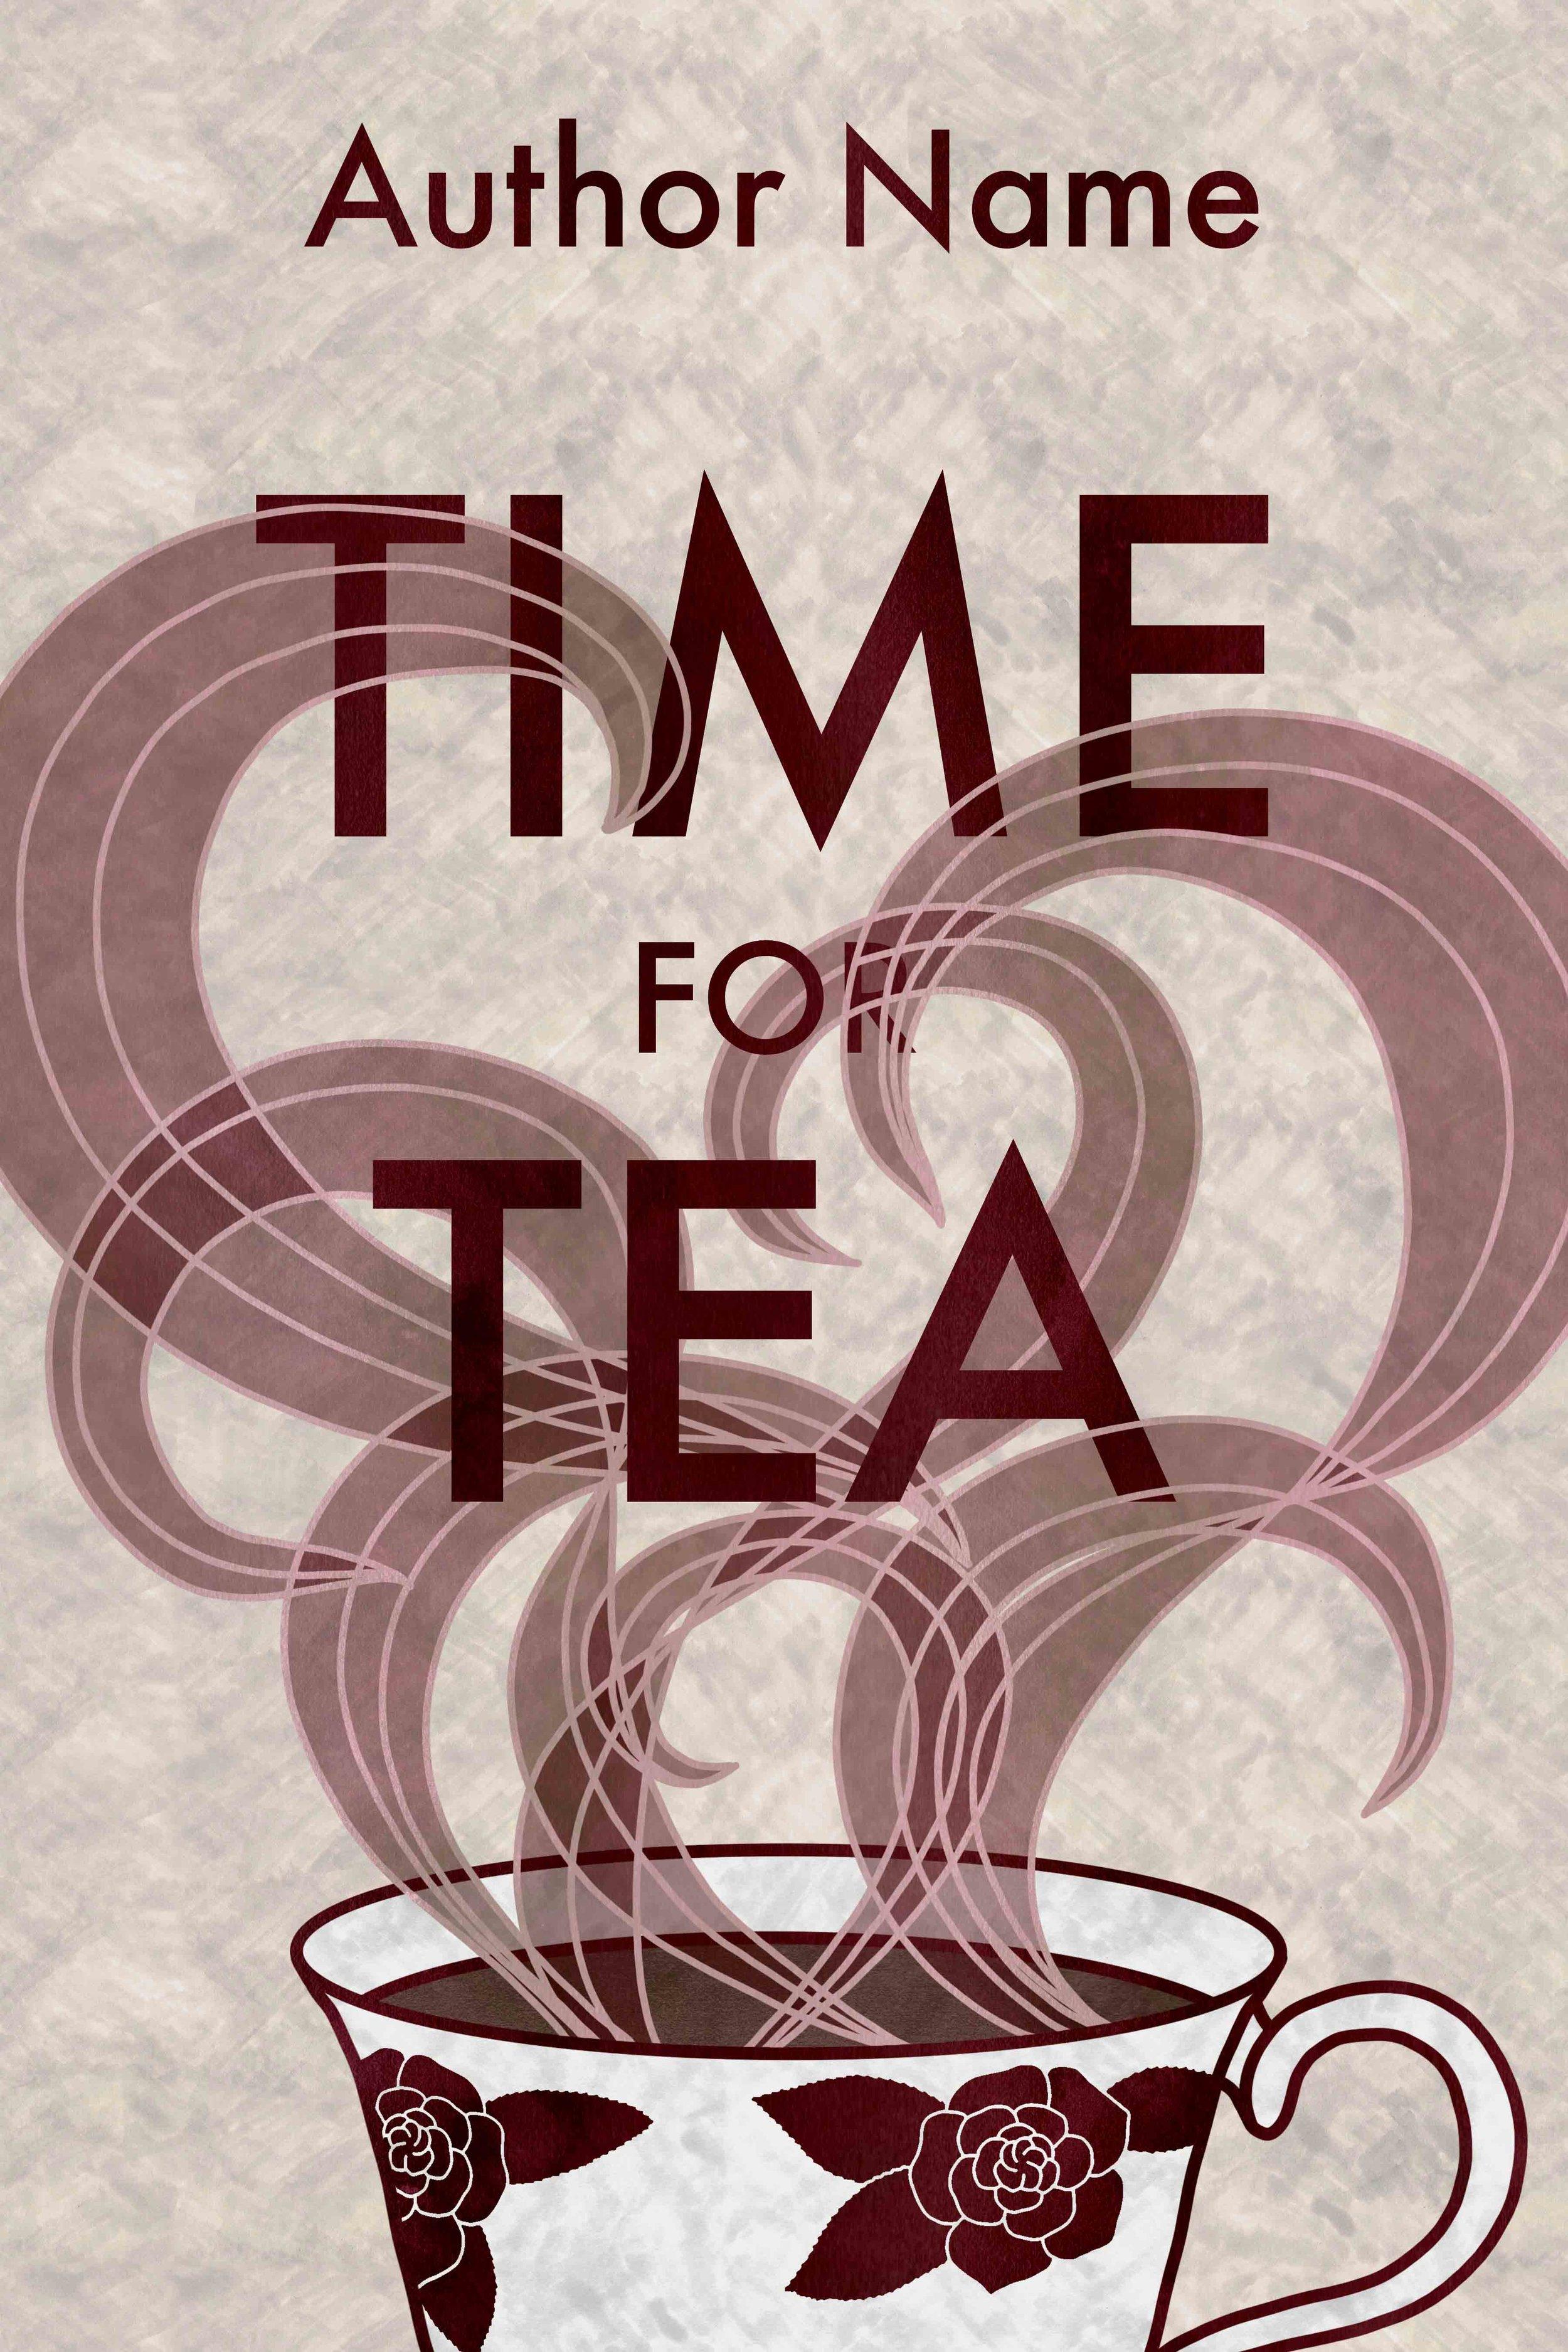 Time_For_Tea 2.jpg